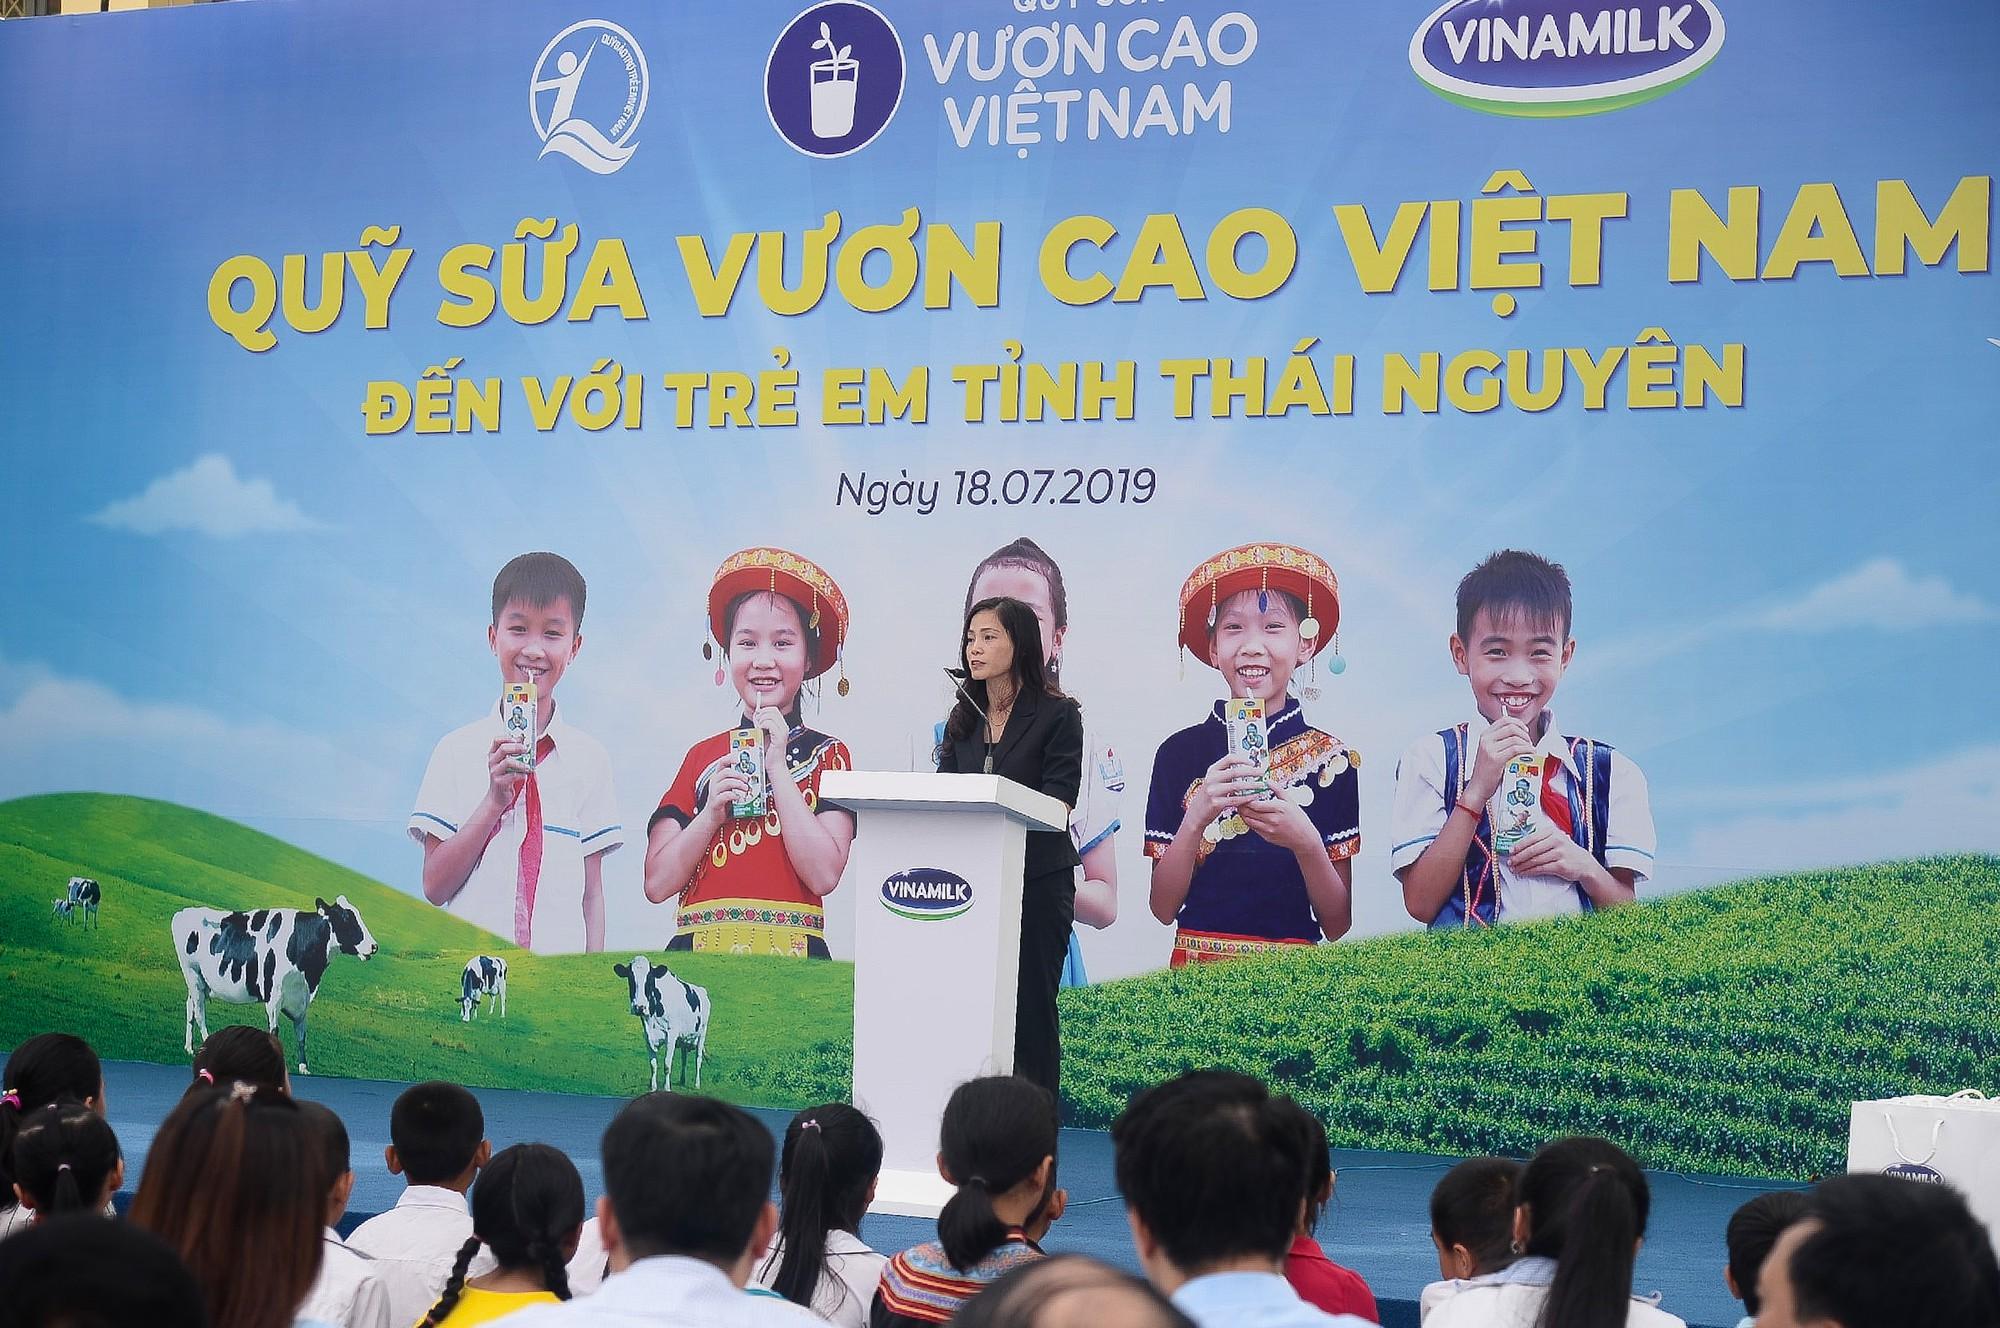 Quỹ sữa Vươn Cao Việt Nam: Để mọi trẻ em đều được uống sữa mỗi ngày - Ảnh 3.